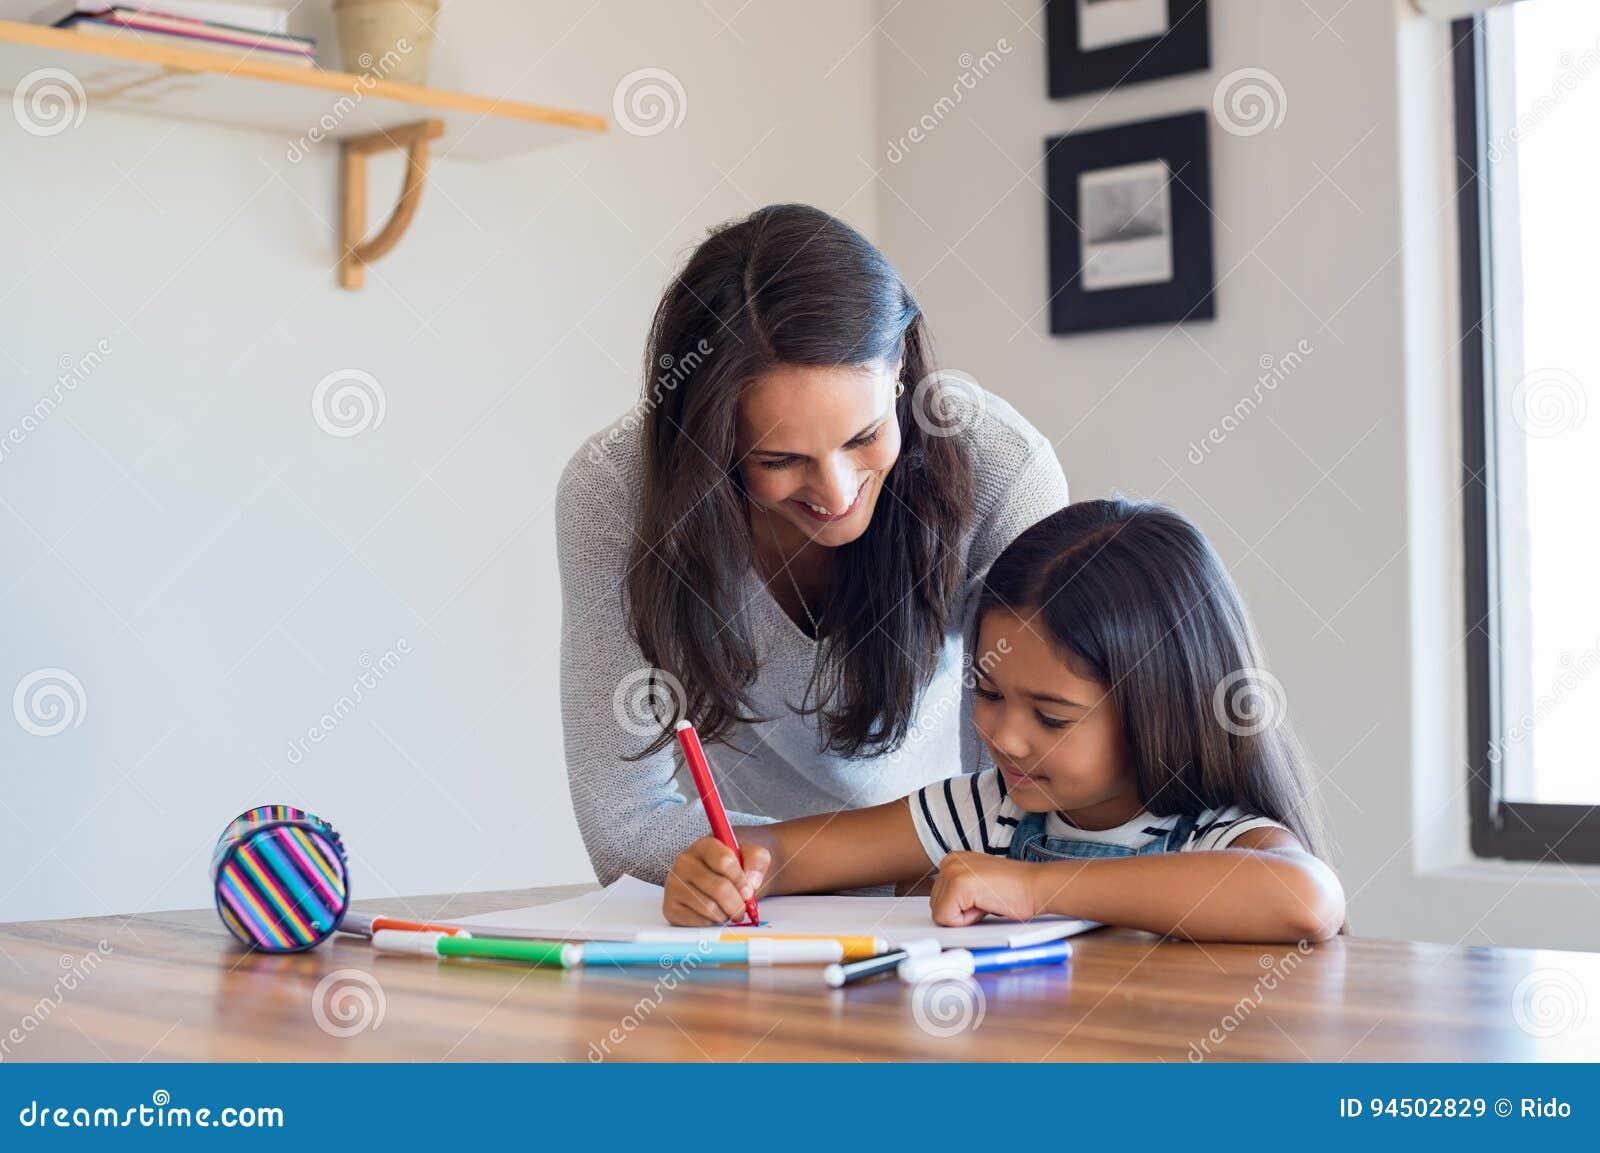 Hija de ayuda de la madre dibujar